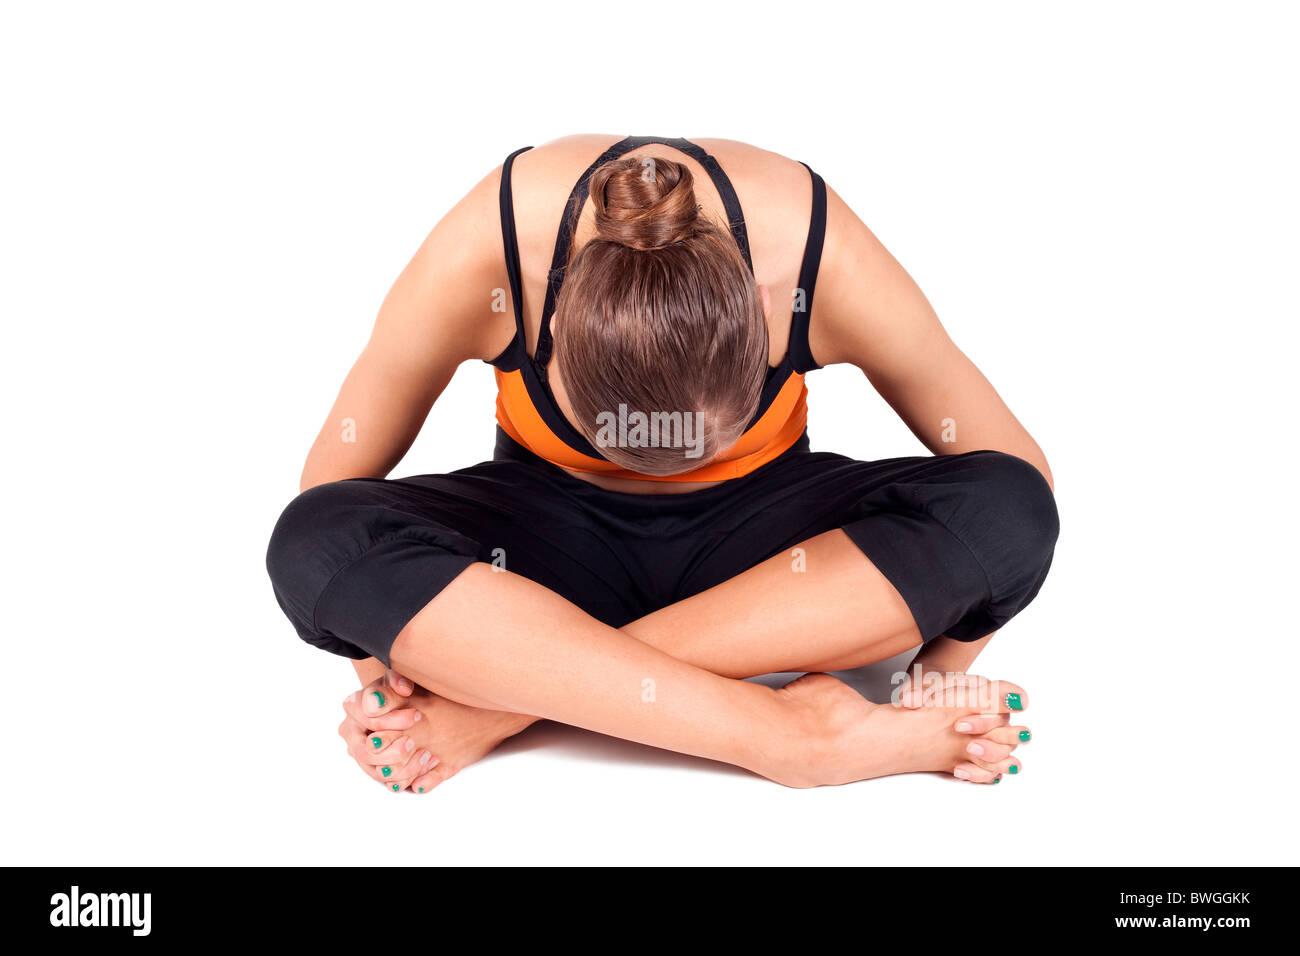 Woman doing toes stretching yoga exercise called Utthita Anguli Sukhasana isolated over white background - Stock Image